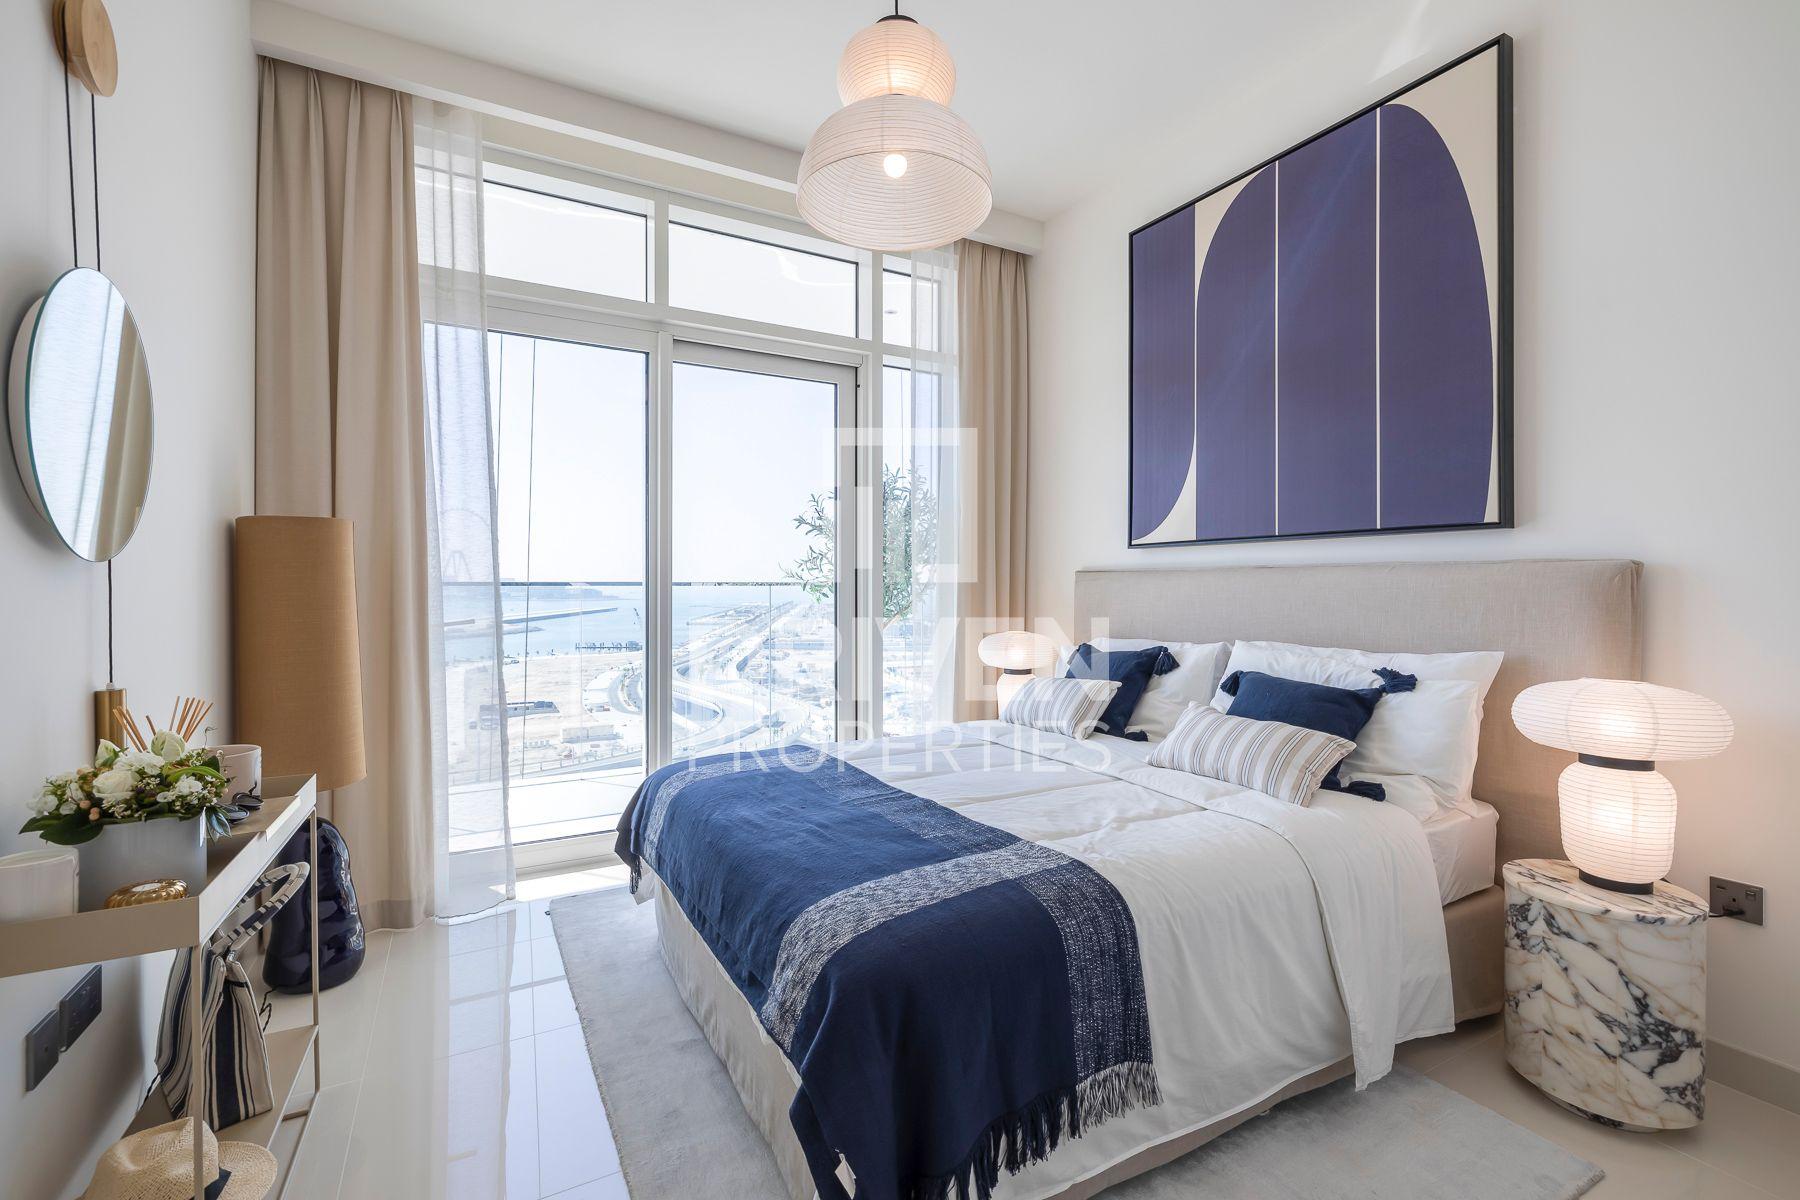 1,264 قدم مربع  شقة - للبيع - دبي هاربور